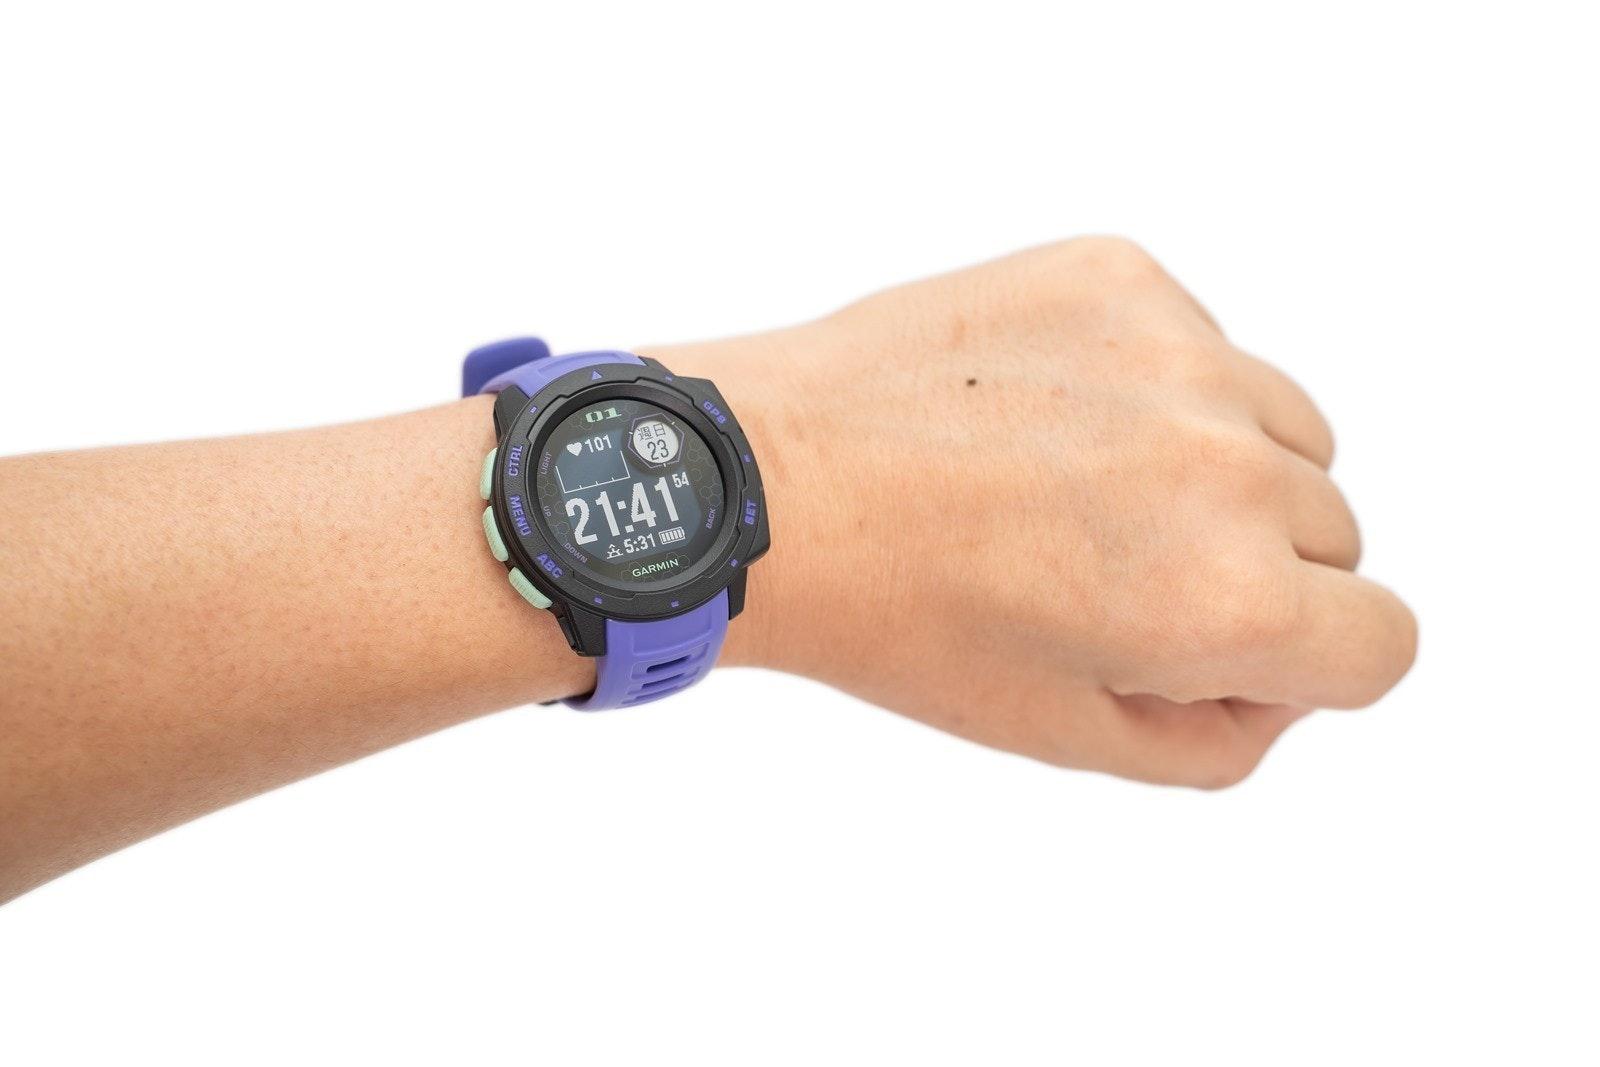 照片中提到了GP8、01、週日,包含了腕、看、Garmin Ltd.、加爾明、手錶